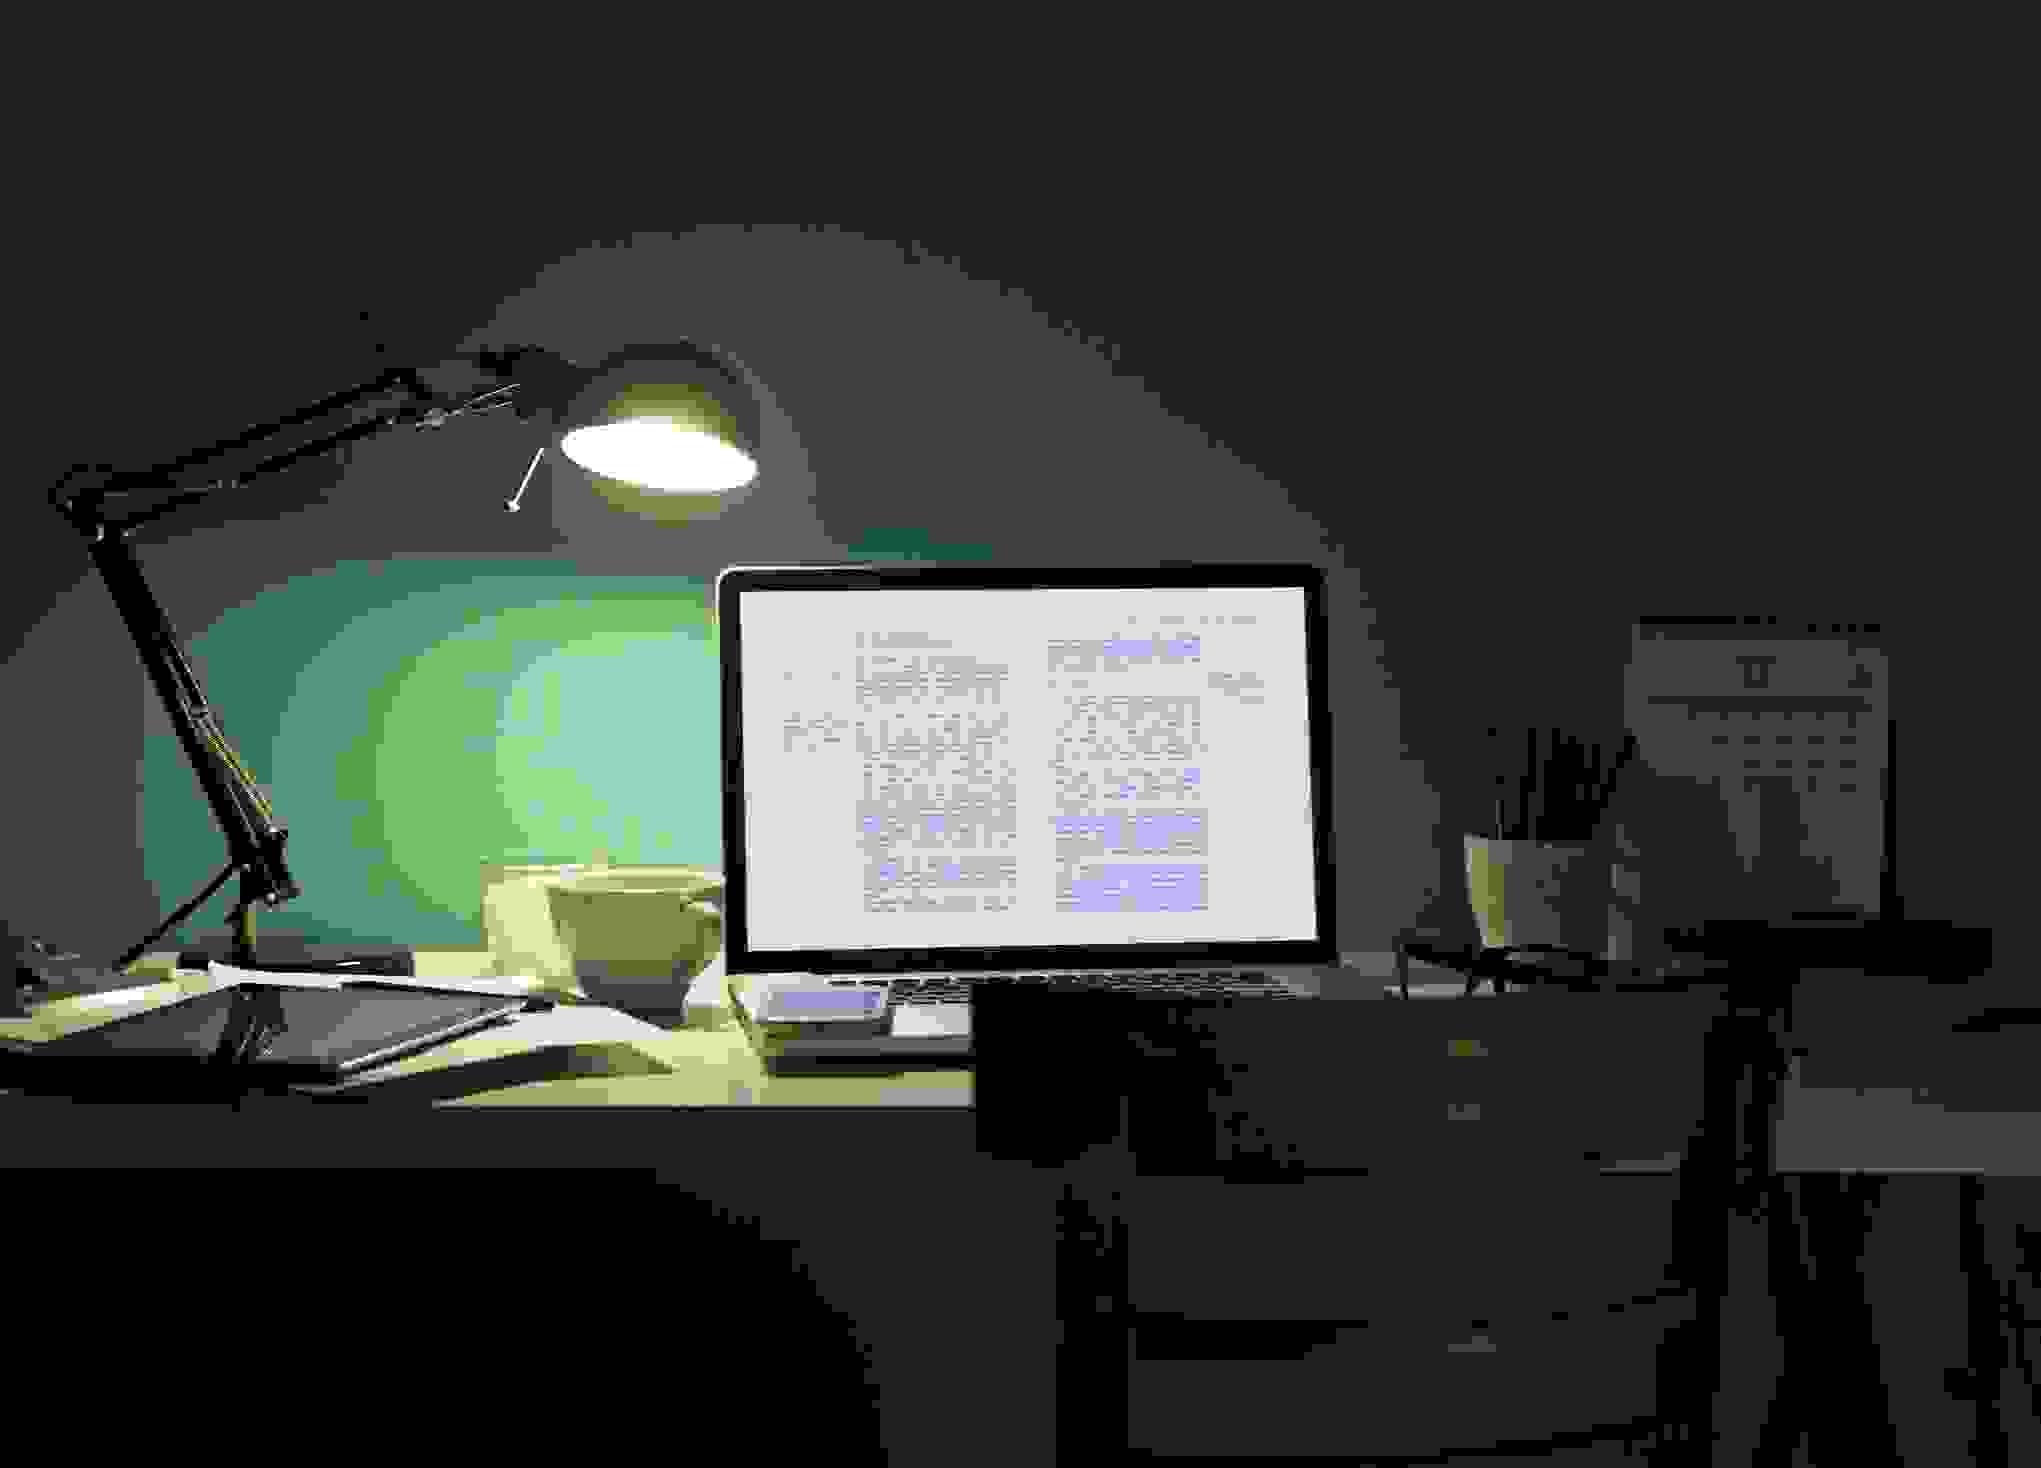 البحث عن ملفات PDF على الإنترنت